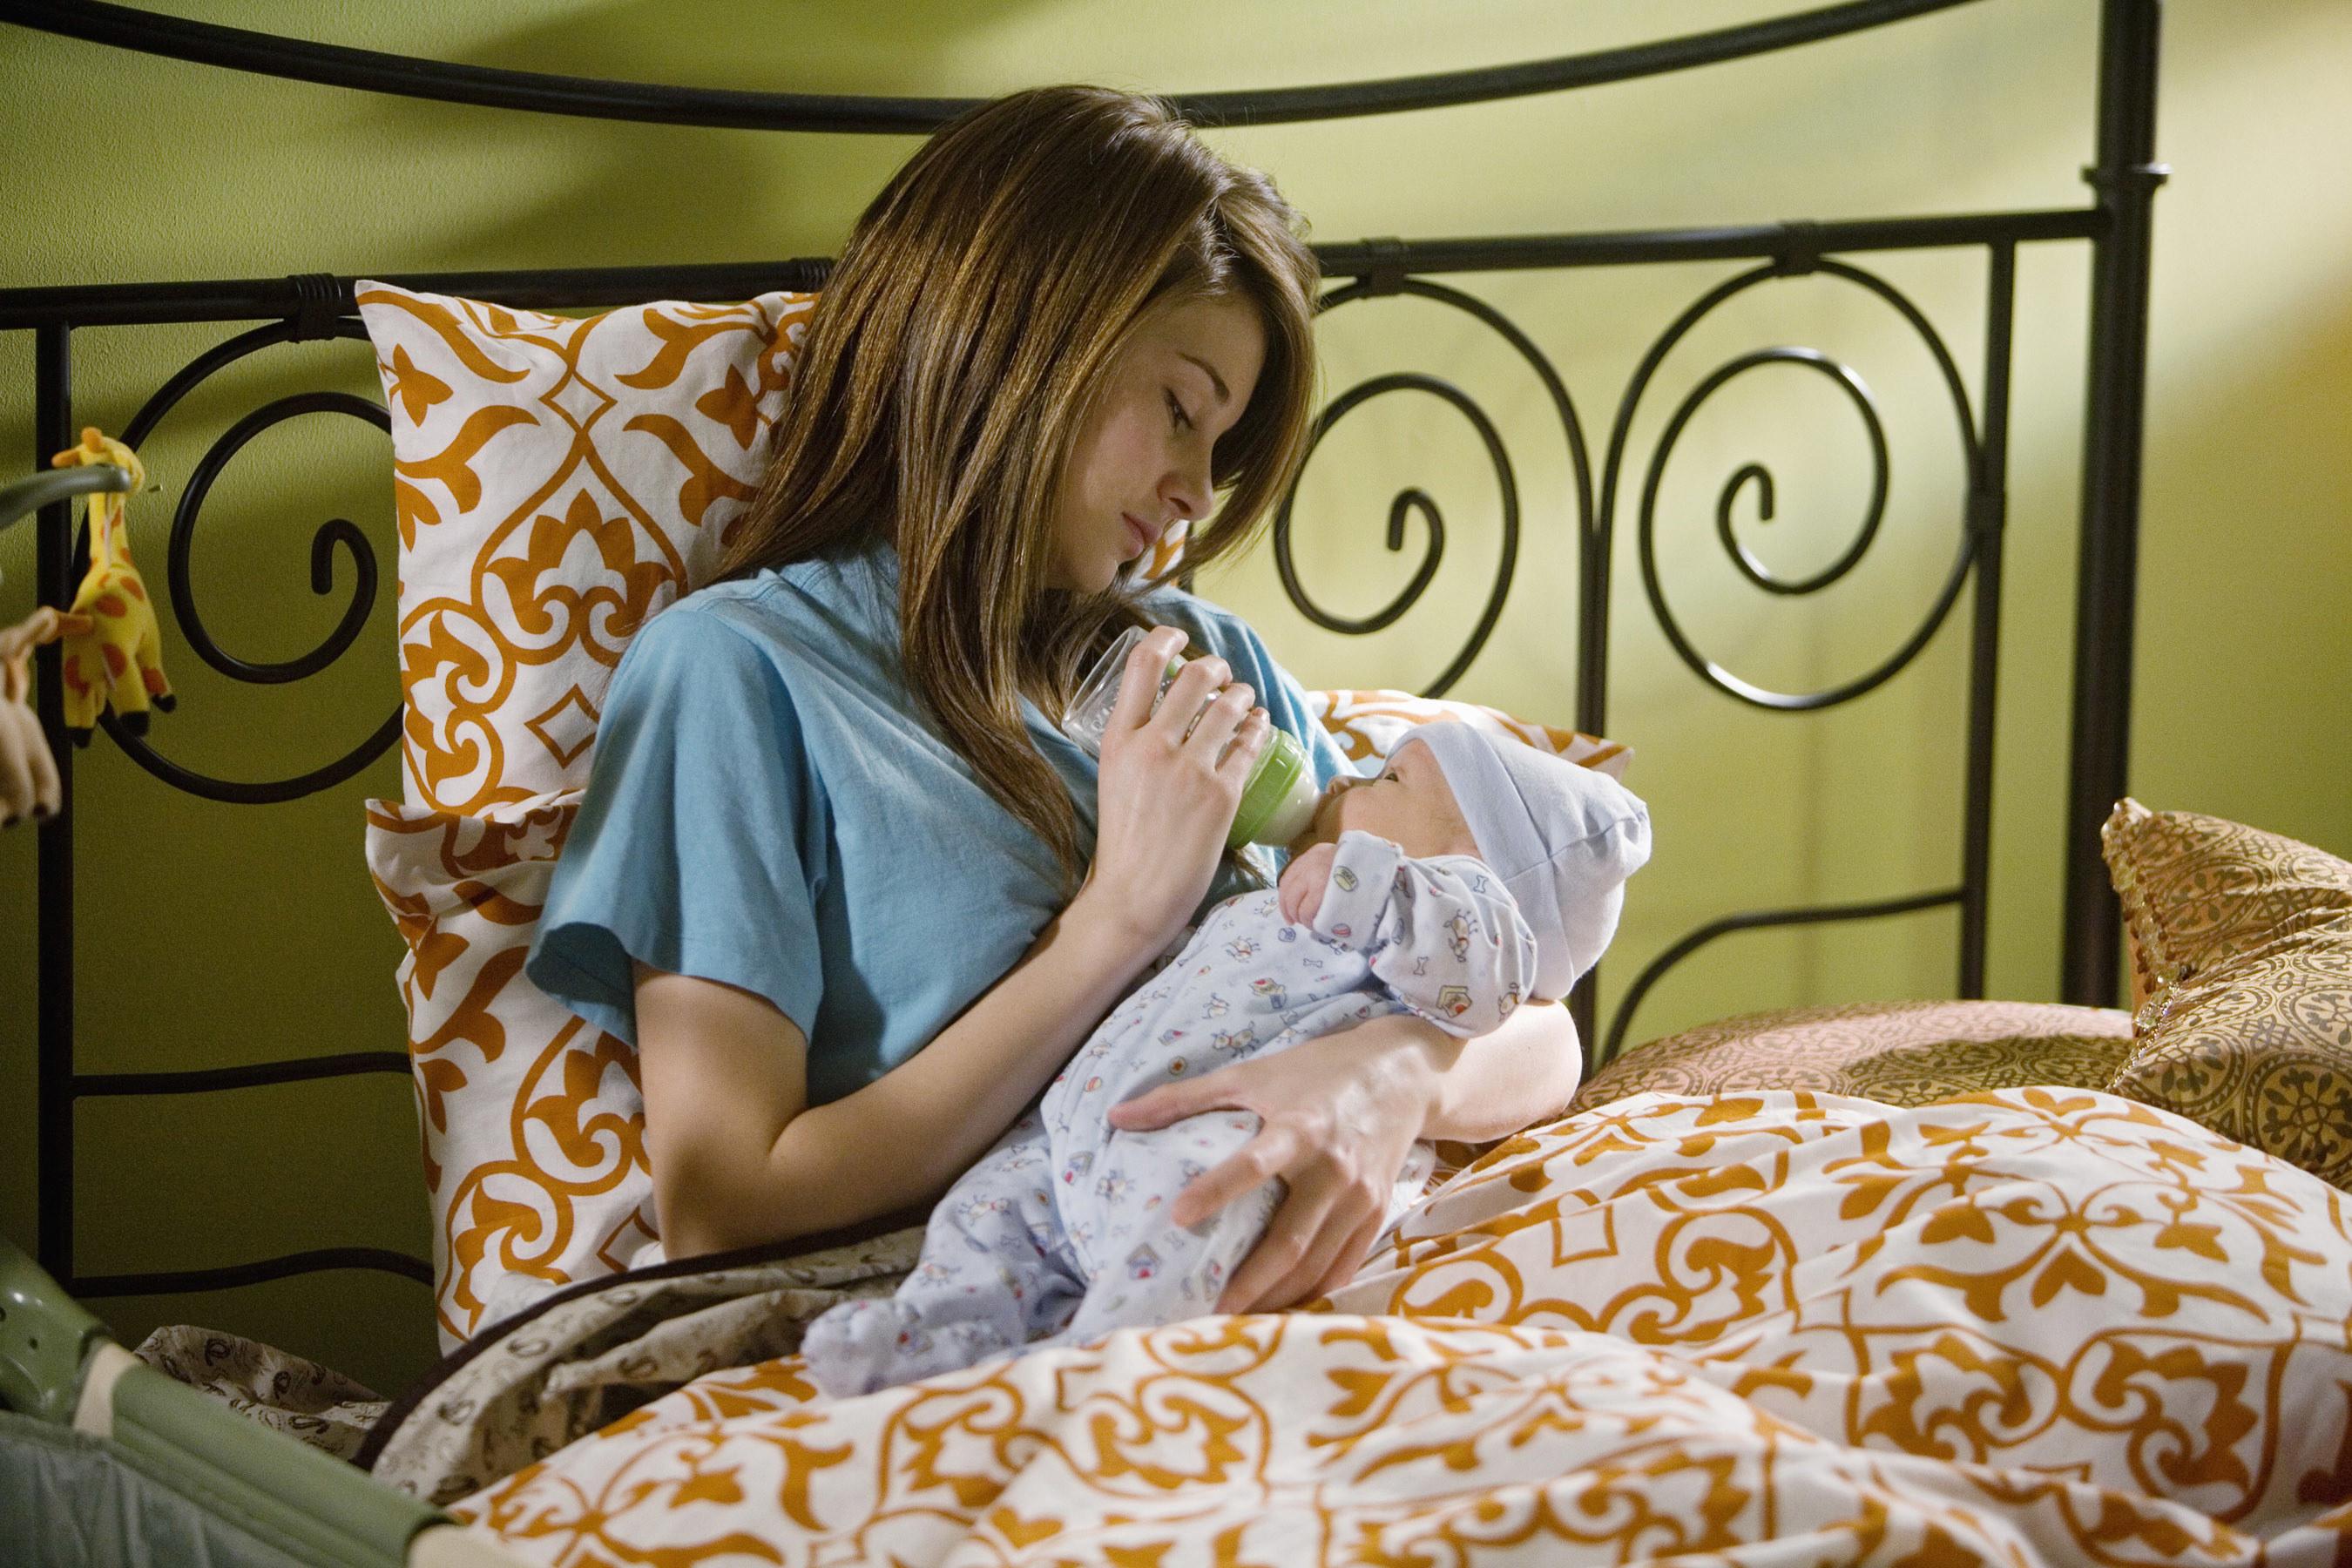 Shailene Woodley in Secret Life feeding a bottle to a baby